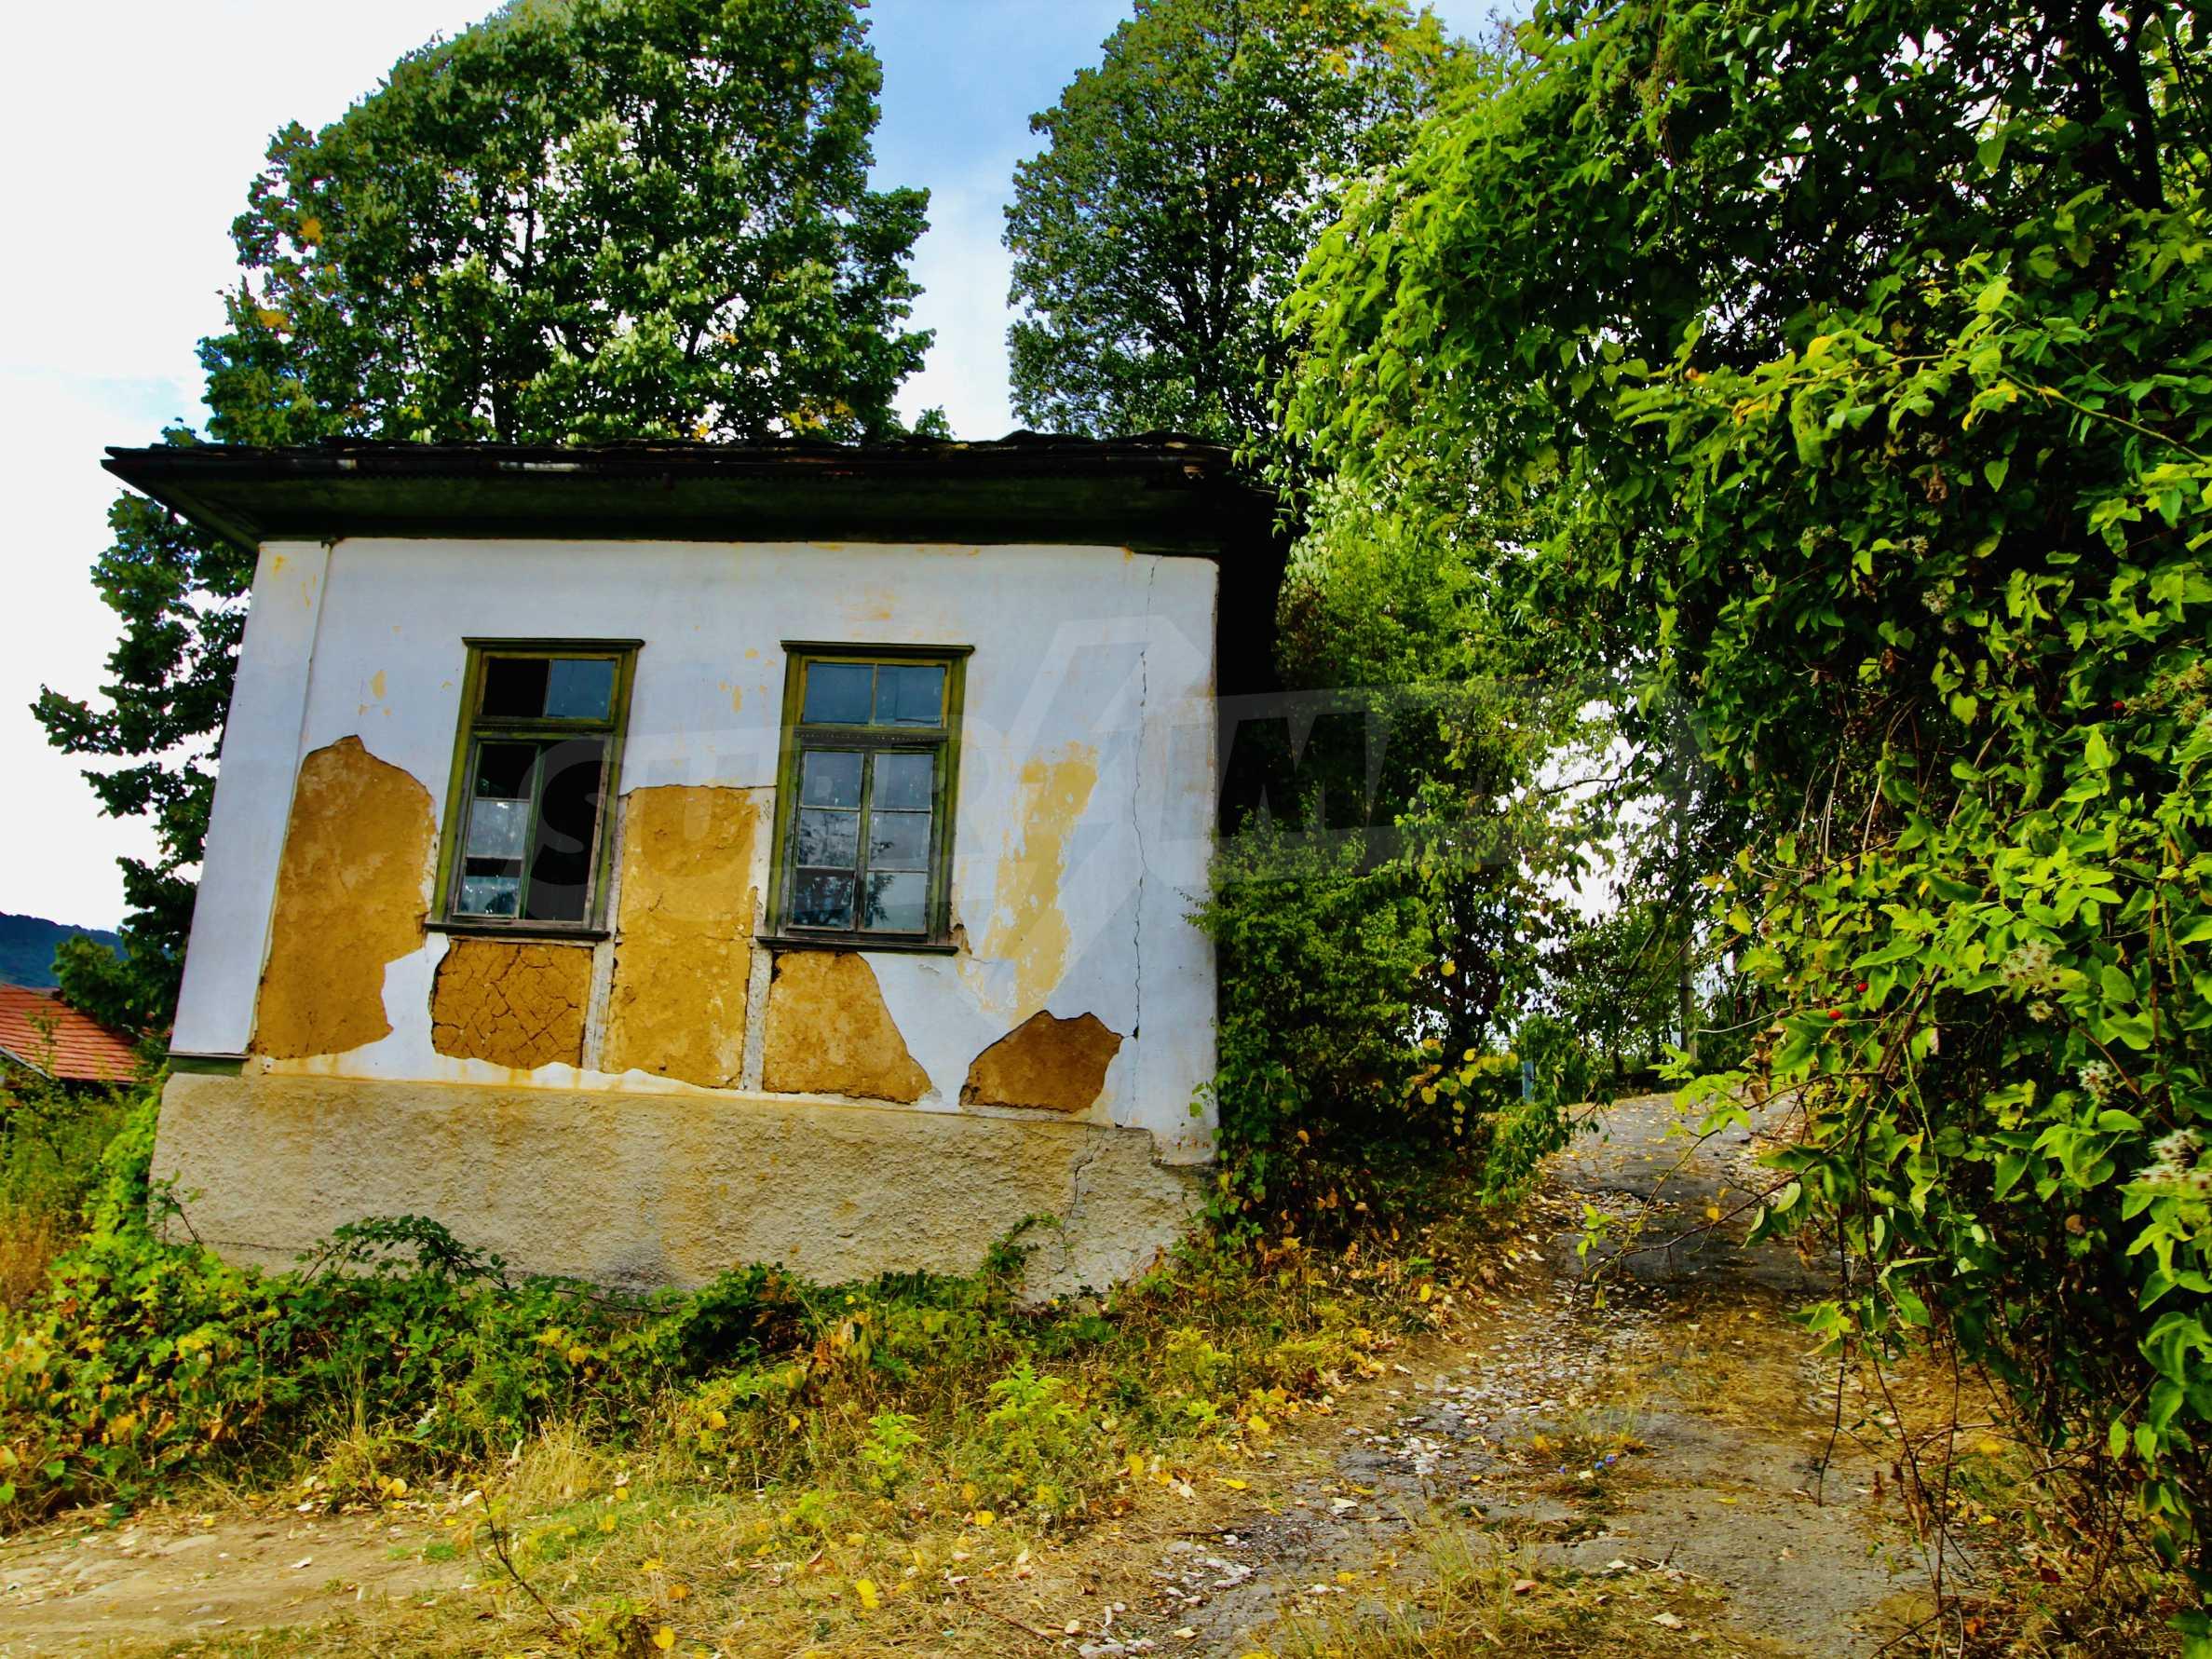 Старая  школа, построенная из камня, в чистом районе между городами Дряново и Трявна 8